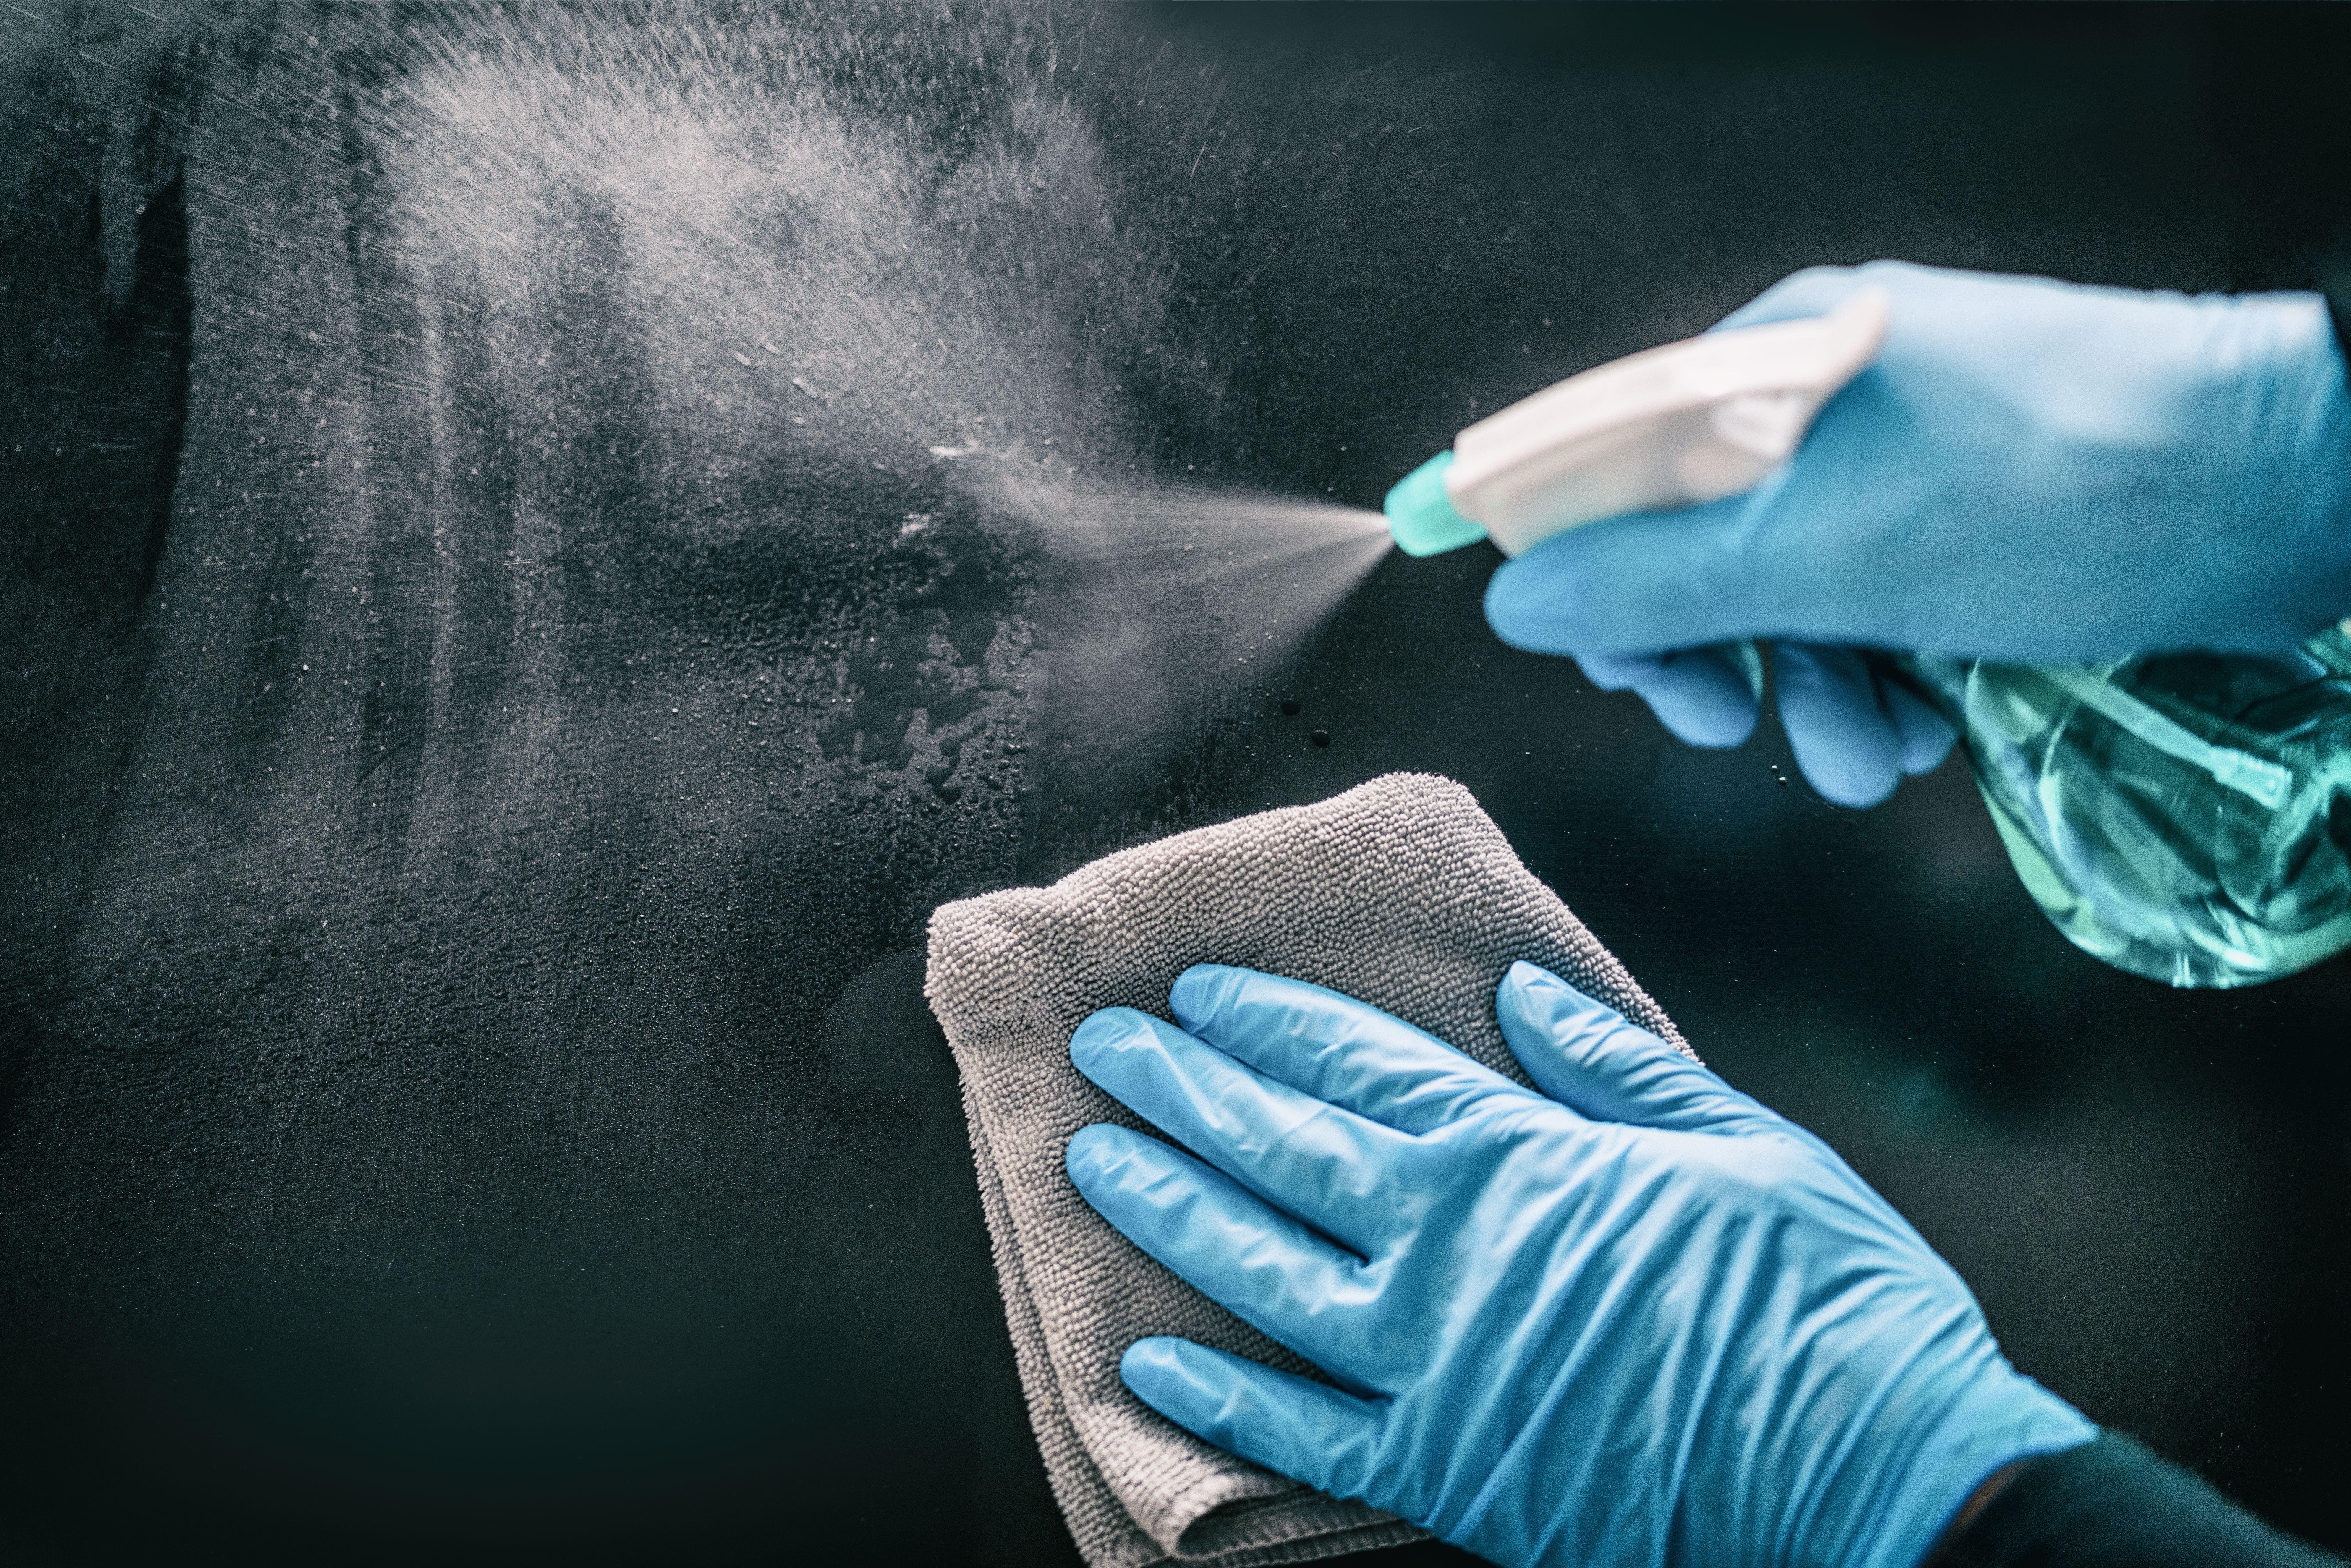 新型コロナウイルス感染予防助成金受給の流れと殺菌処理について